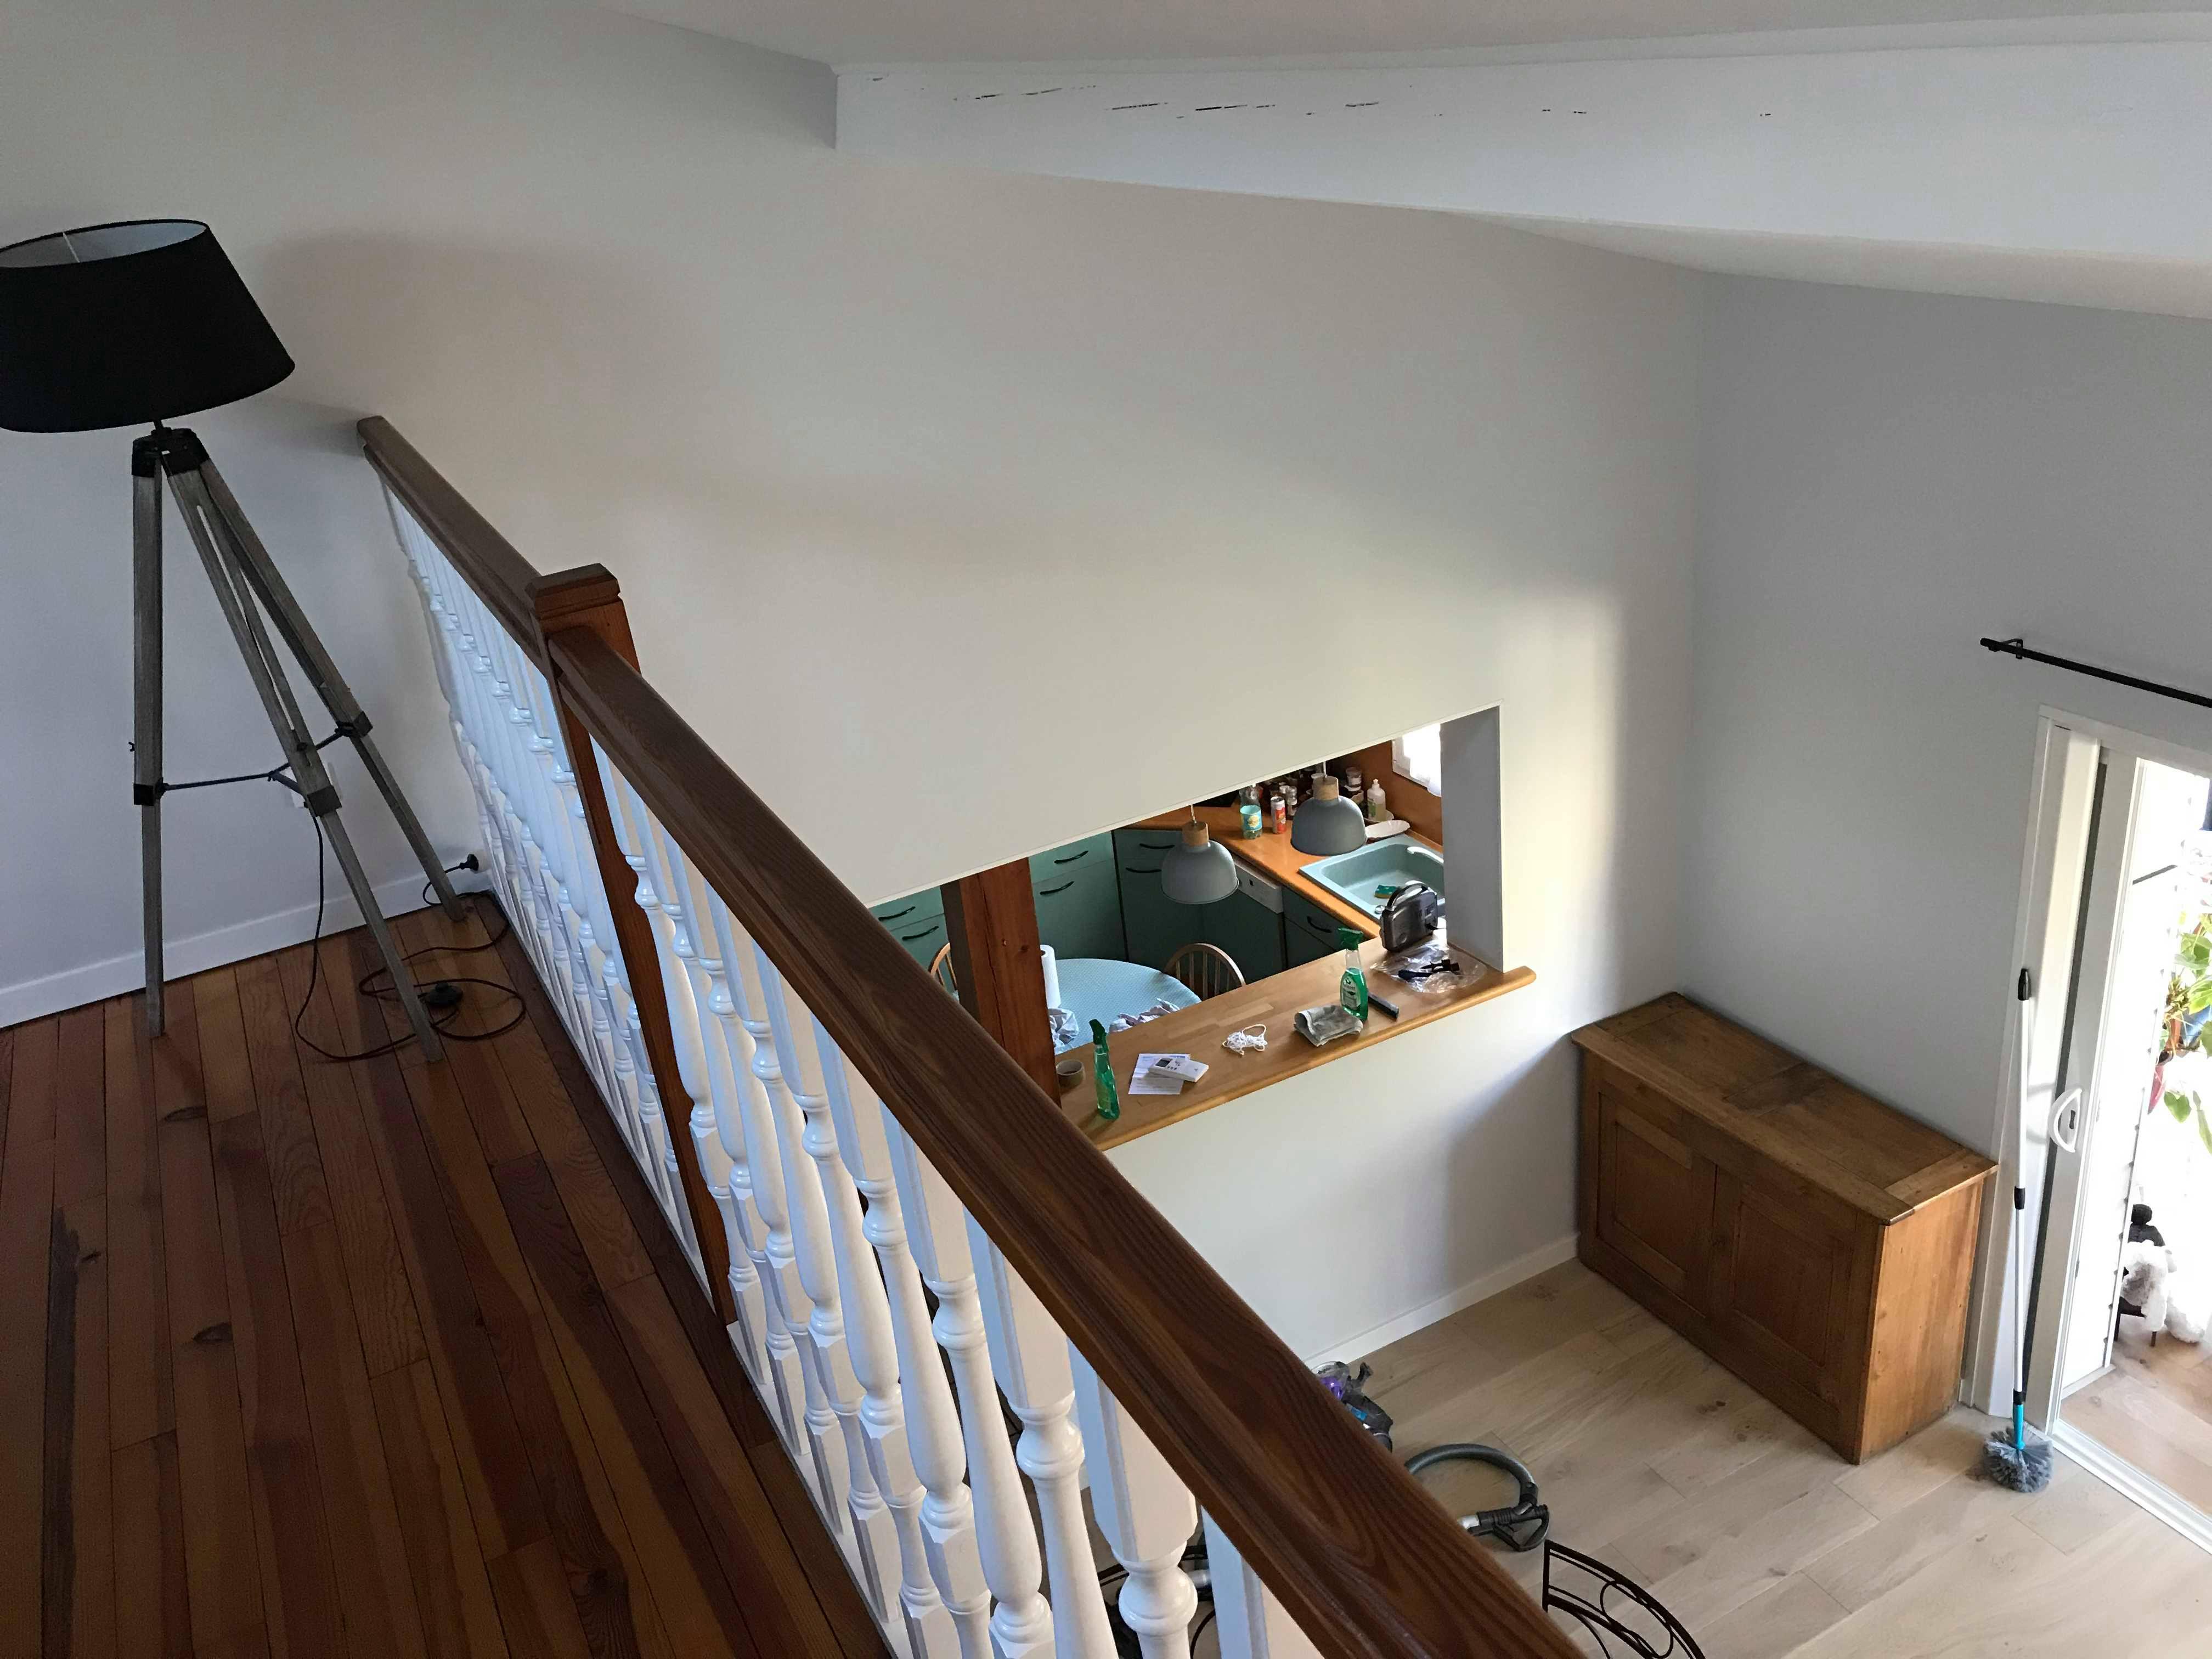 Vitrificateur Escalier Apres Peinture images rénovation sur toulouse